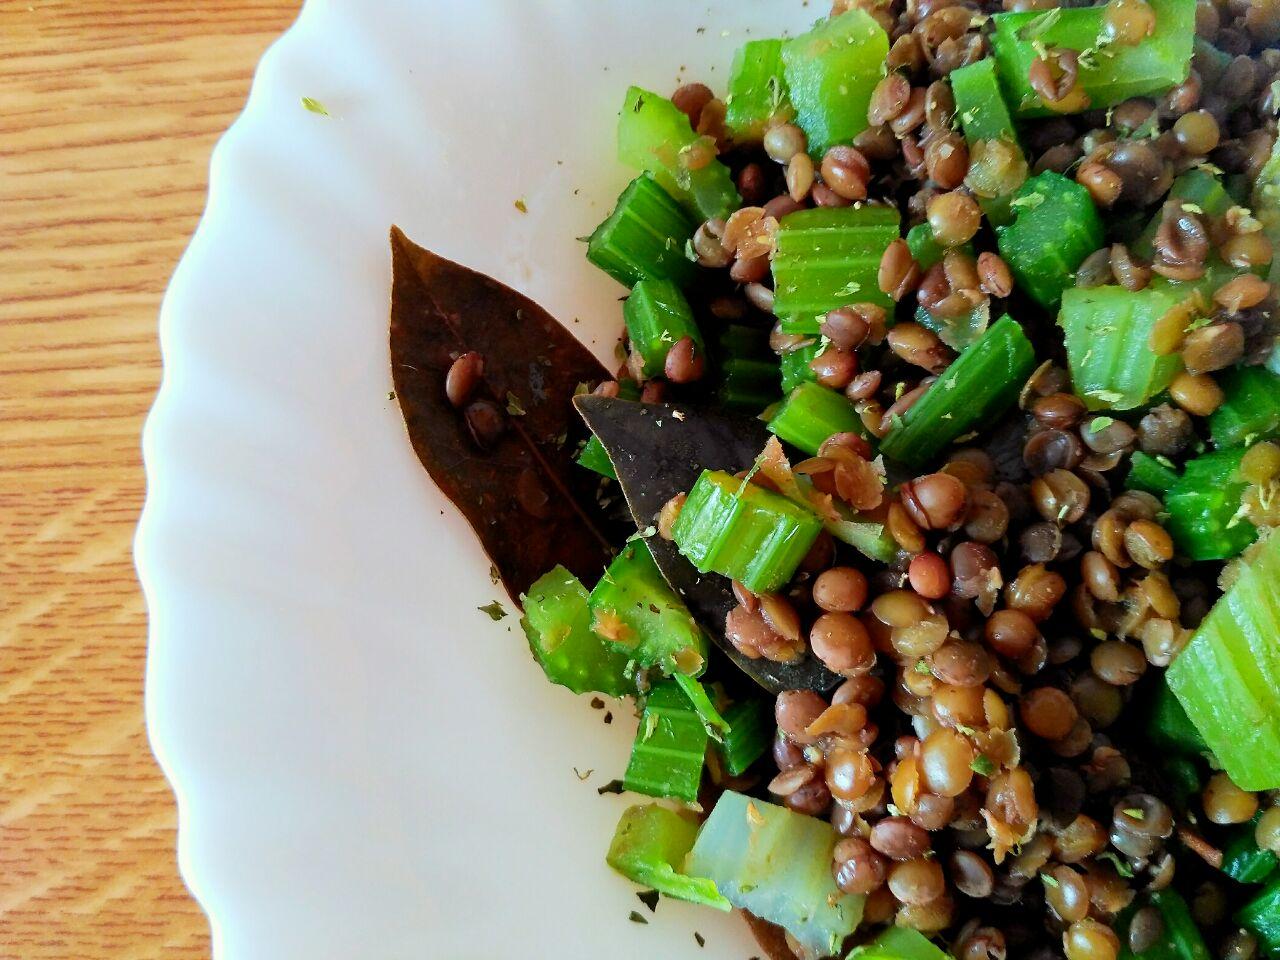 Ricette a base di legumi: lenticchie saporite con sedano!